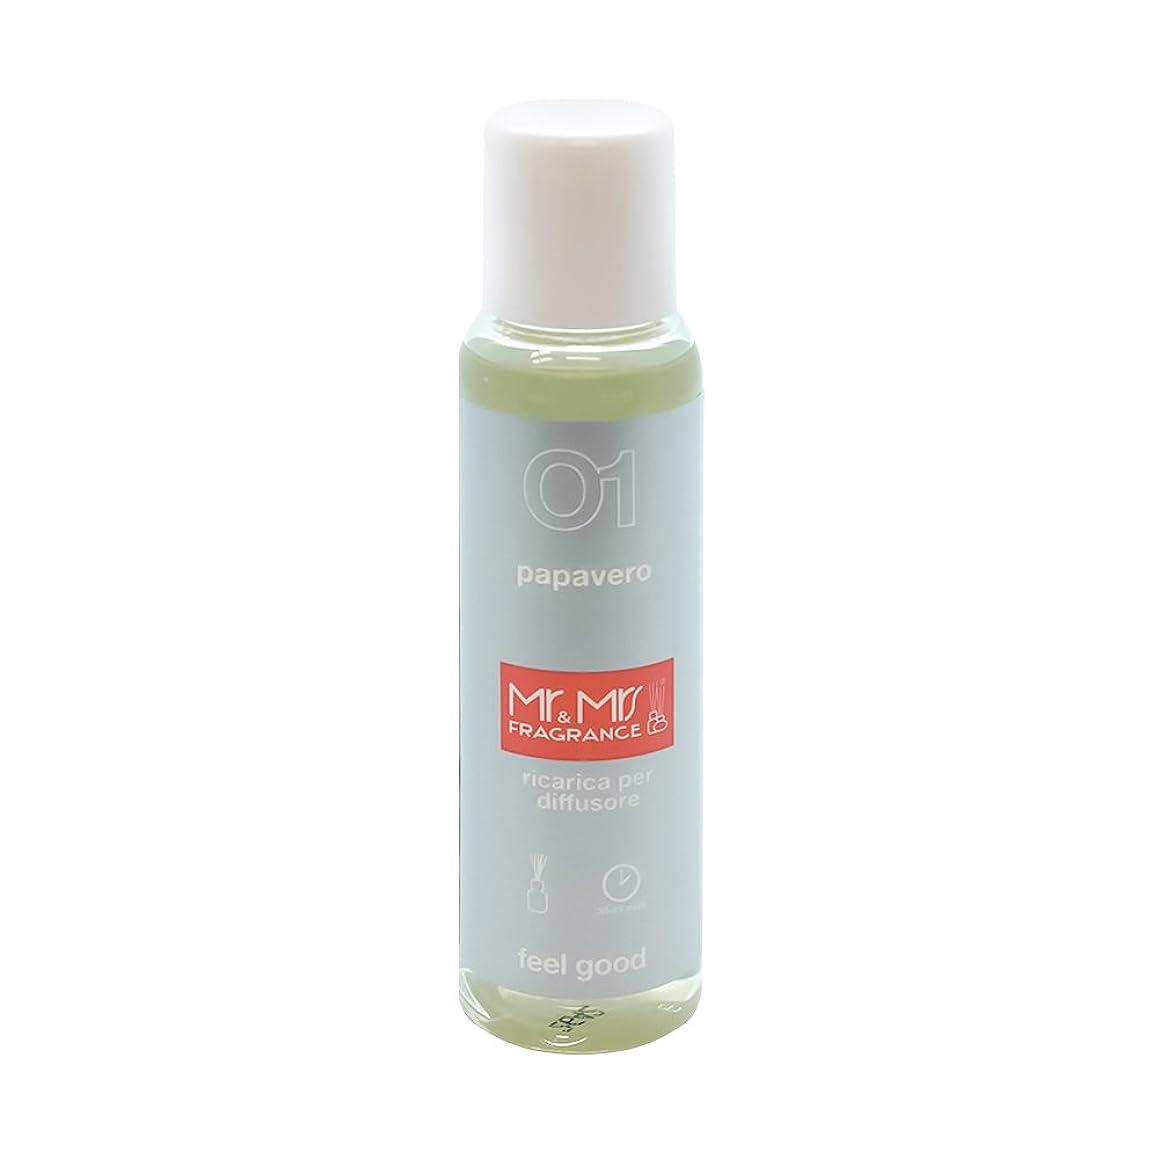 狂信者亡命ポーチMr&Mrs(ミスターアンドミセス)easy fragrance 01 ポピー リフィル 100ml